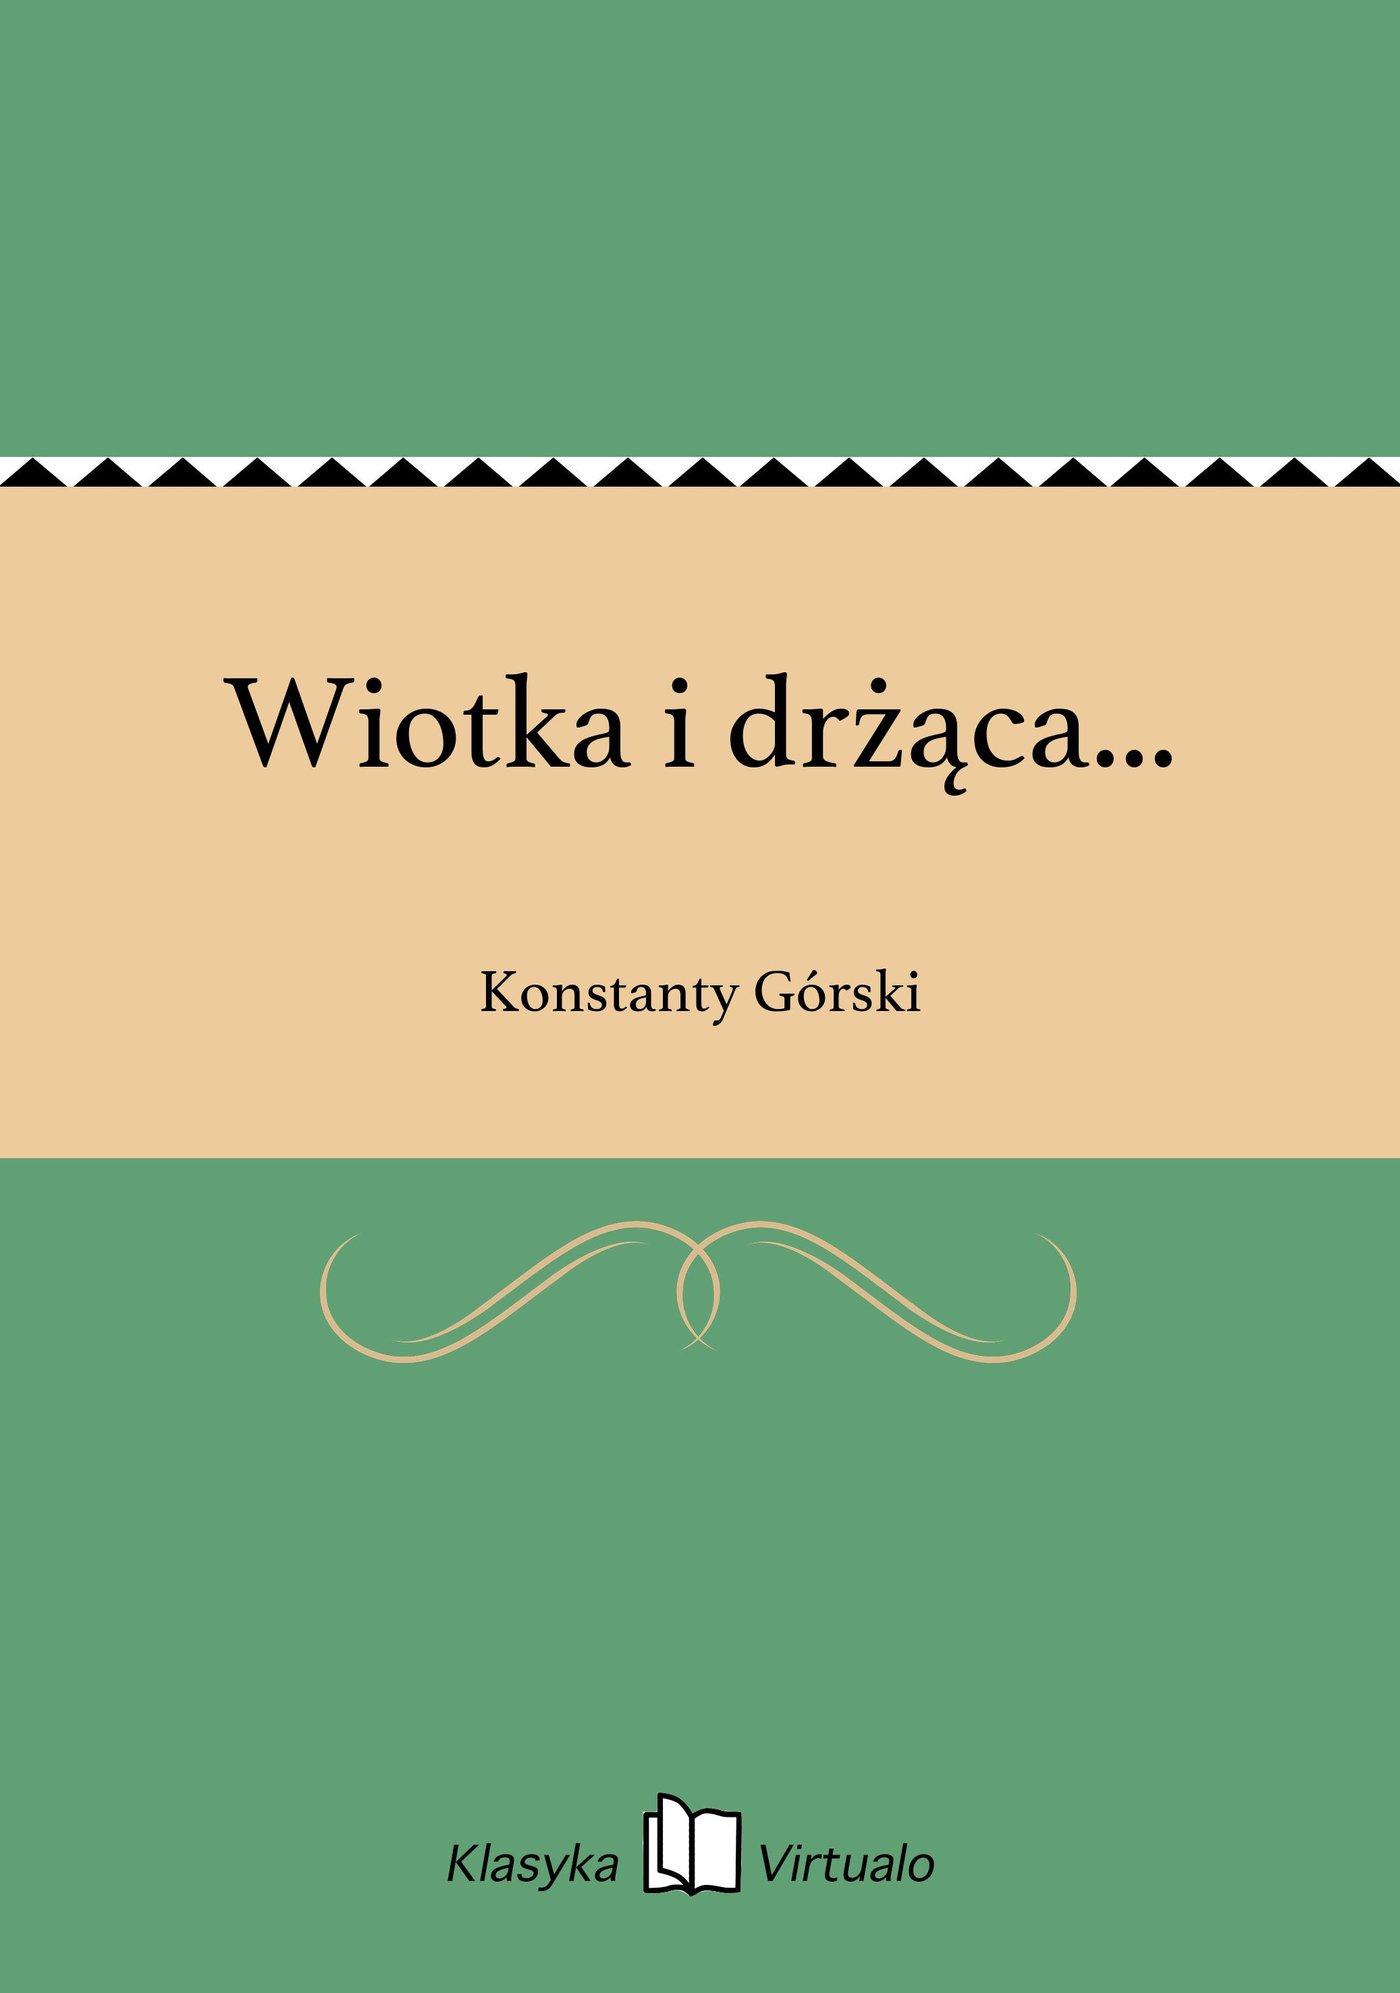 Wiotka i drżąca... - Ebook (Książka na Kindle) do pobrania w formacie MOBI